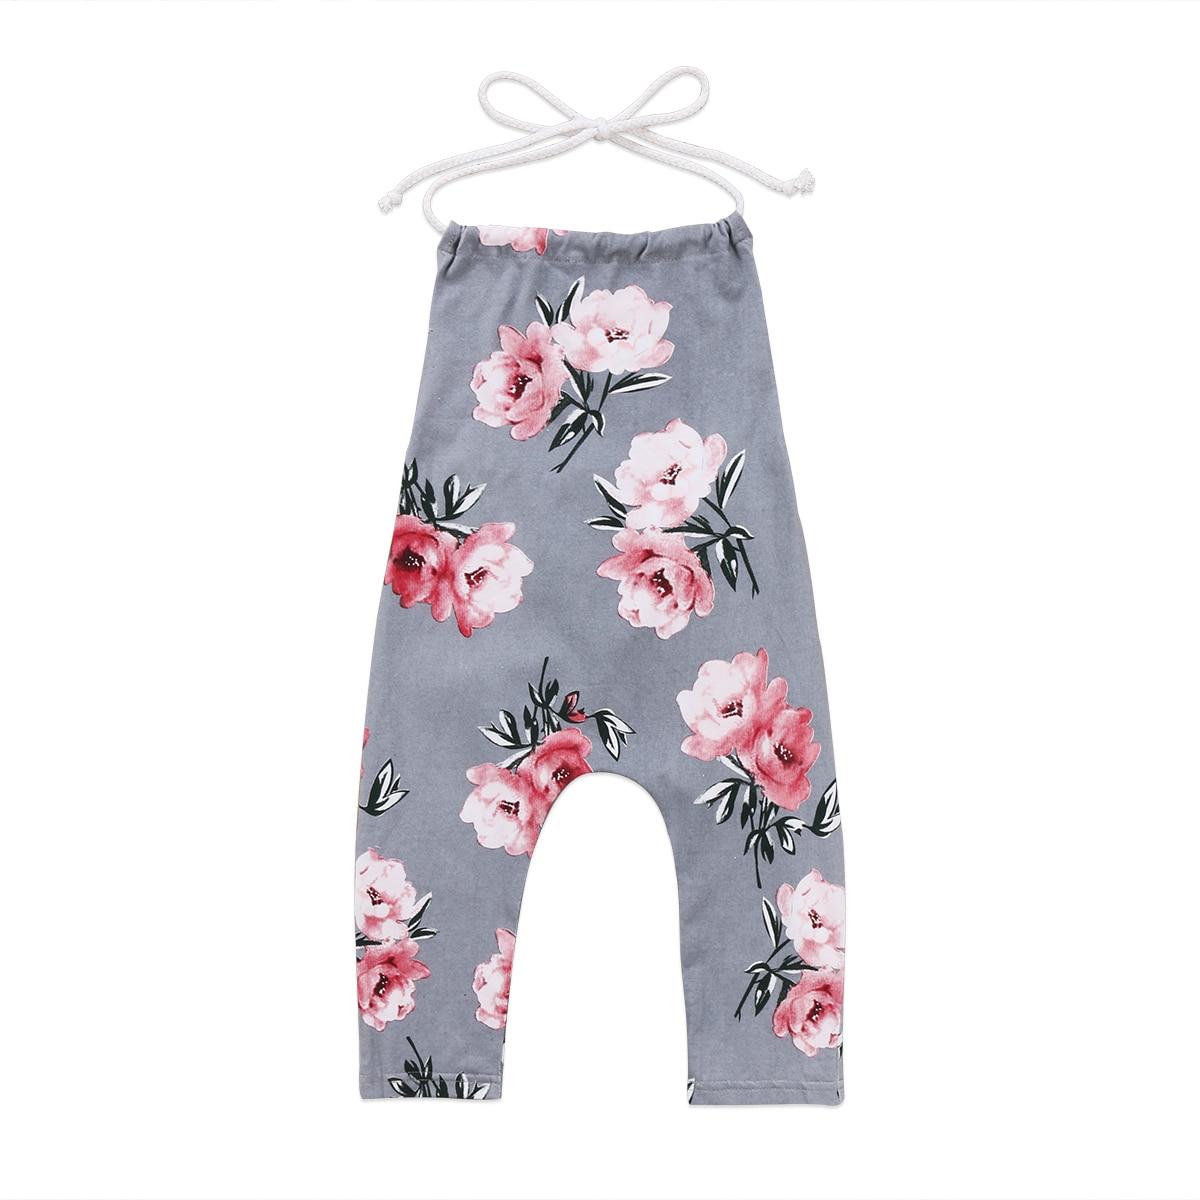 Lovely Newborn Toddler Baby Girl Floral Printed Halter Romper Jumpsuit Sleeveless Backless Summer Kids Girl Sunsuit Romper